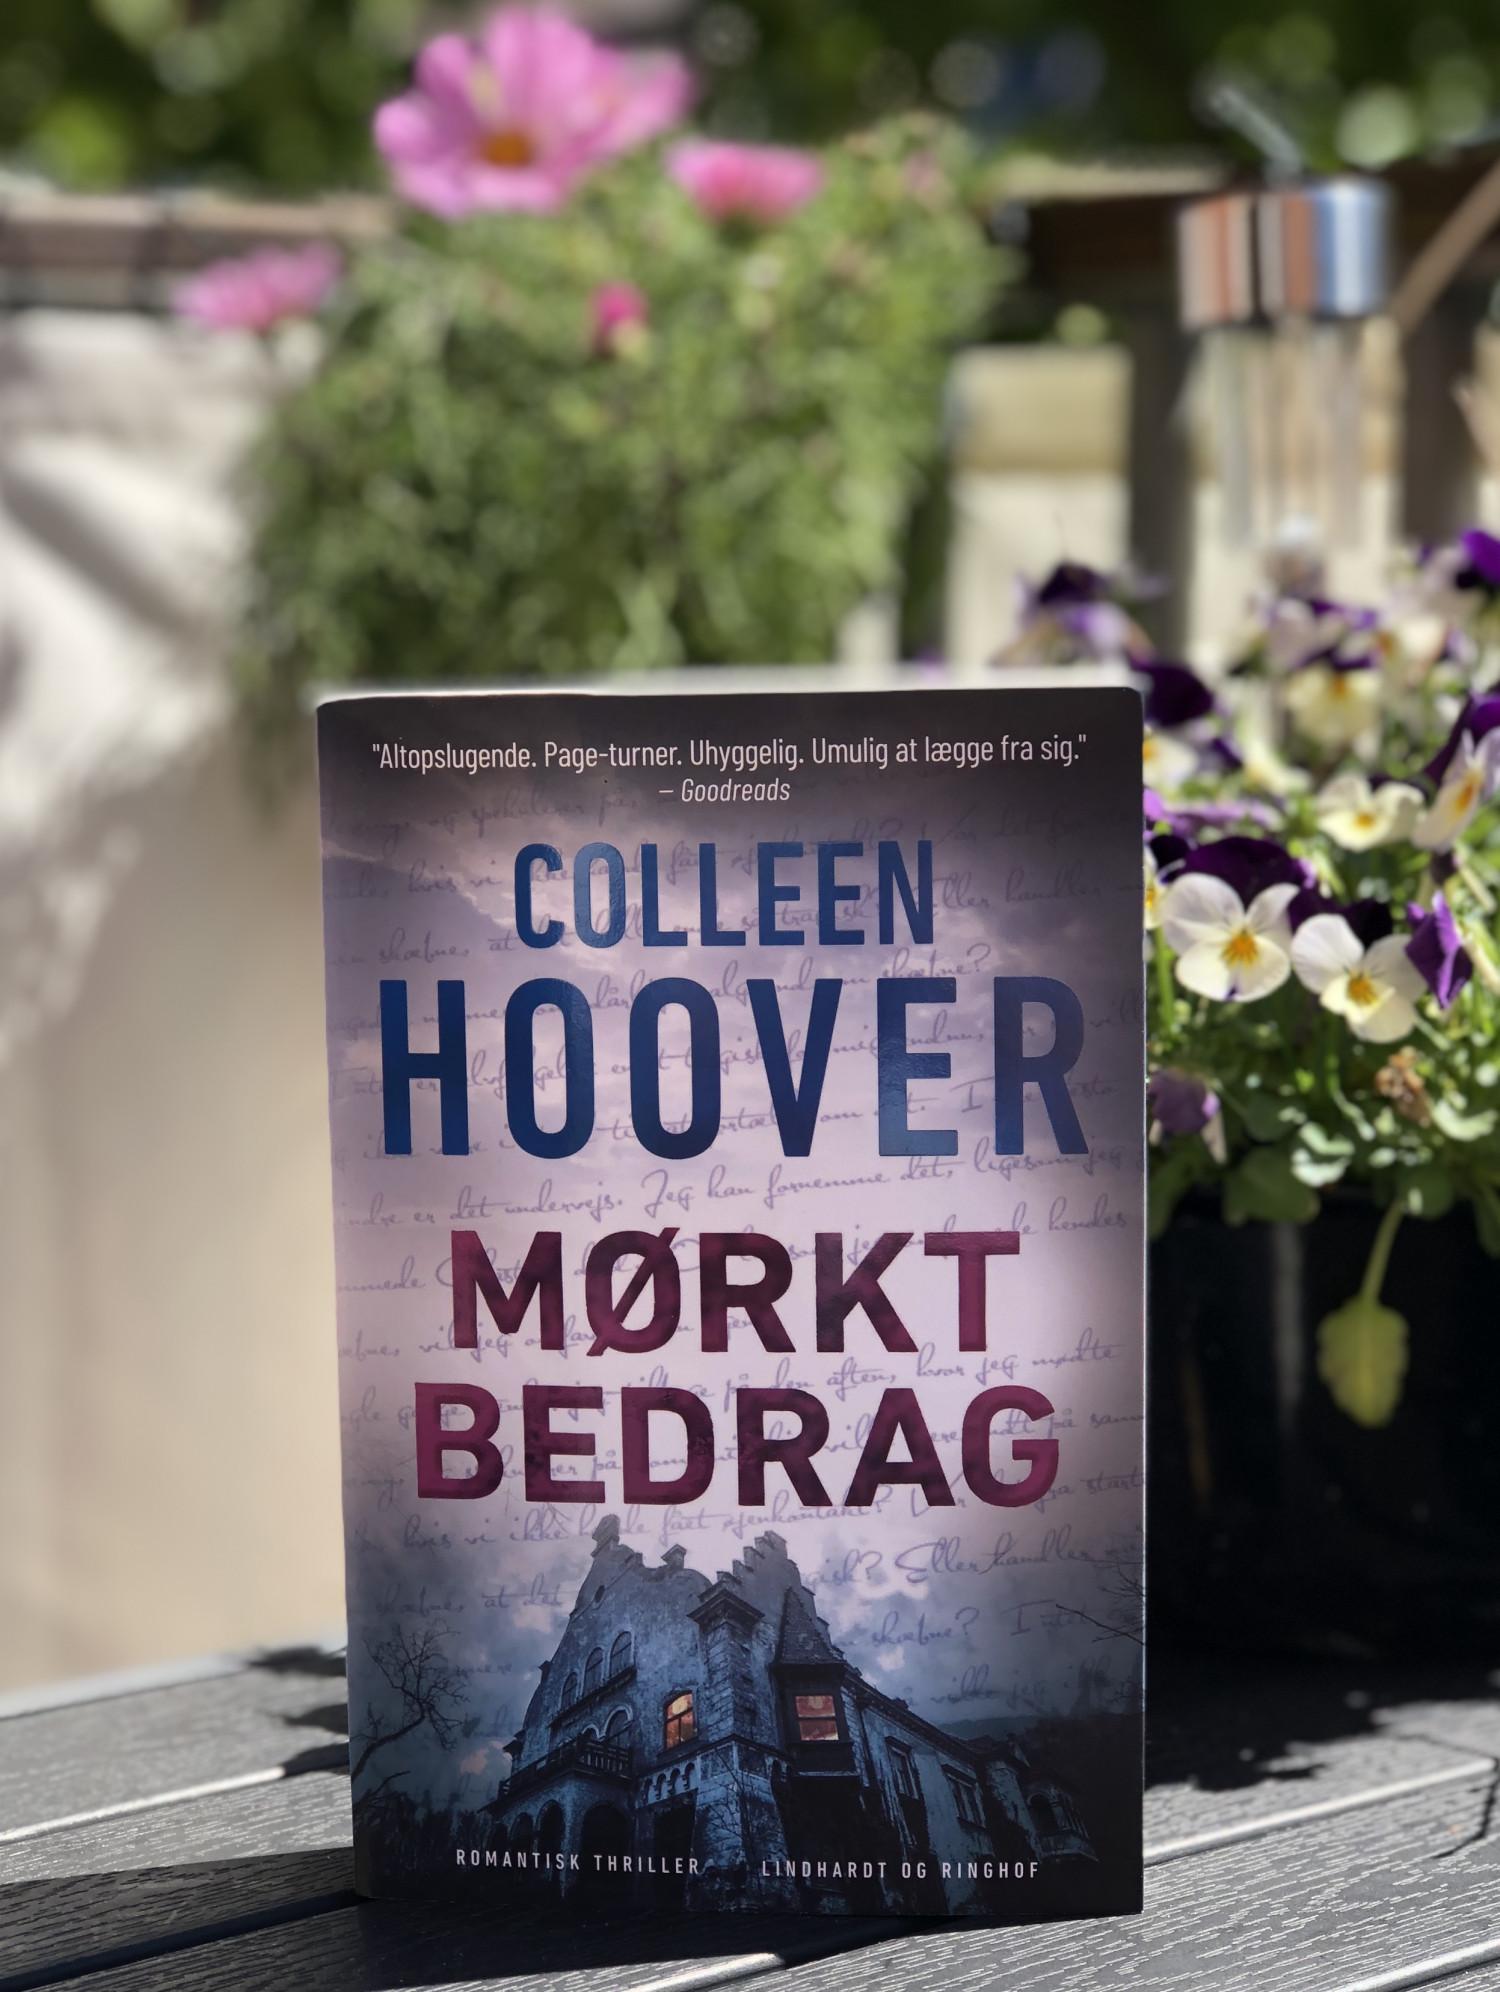 Colleen Hoover, Mørkt bedrag, anmeldelse af mørkt bedrag, Colleen Hoover anmeldelse, Verity, Lindhardt og Ringhof, romantisk thriller, anmeldelse, boganmeldelse, bookreview, krummeskrummelurer, Krummes Krummelurer, krummeskrummelurer.dk, anmeldereksemplar,